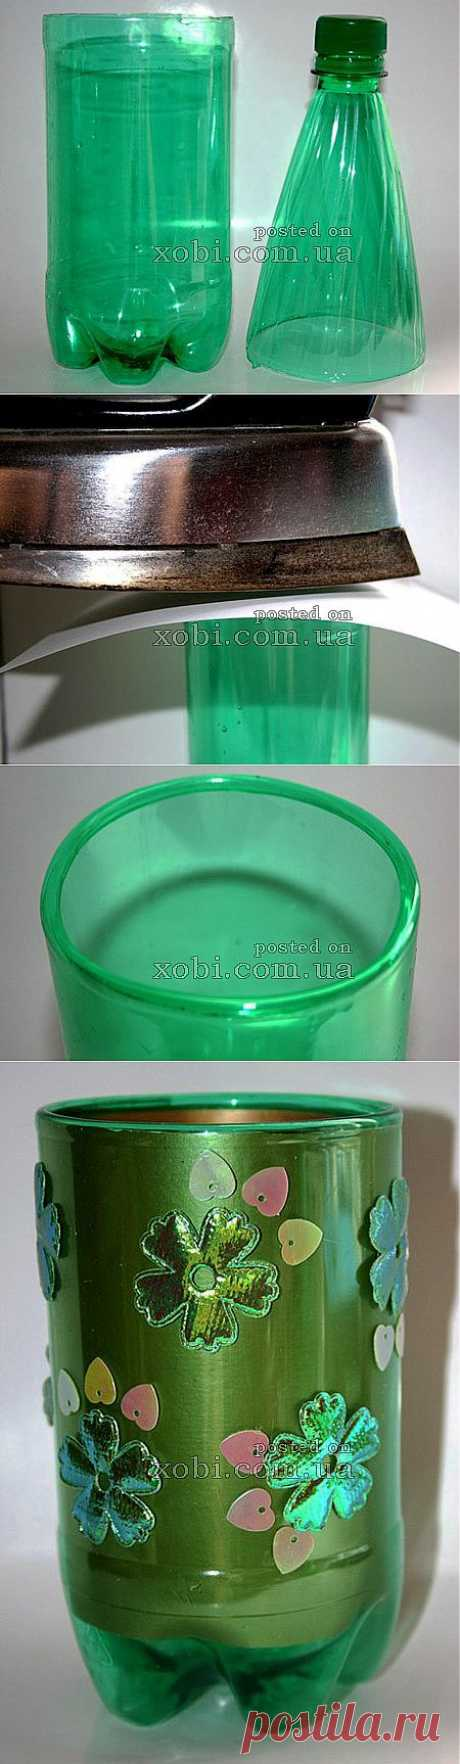 мастер-класс: как скруглить края пластиковой бутылки